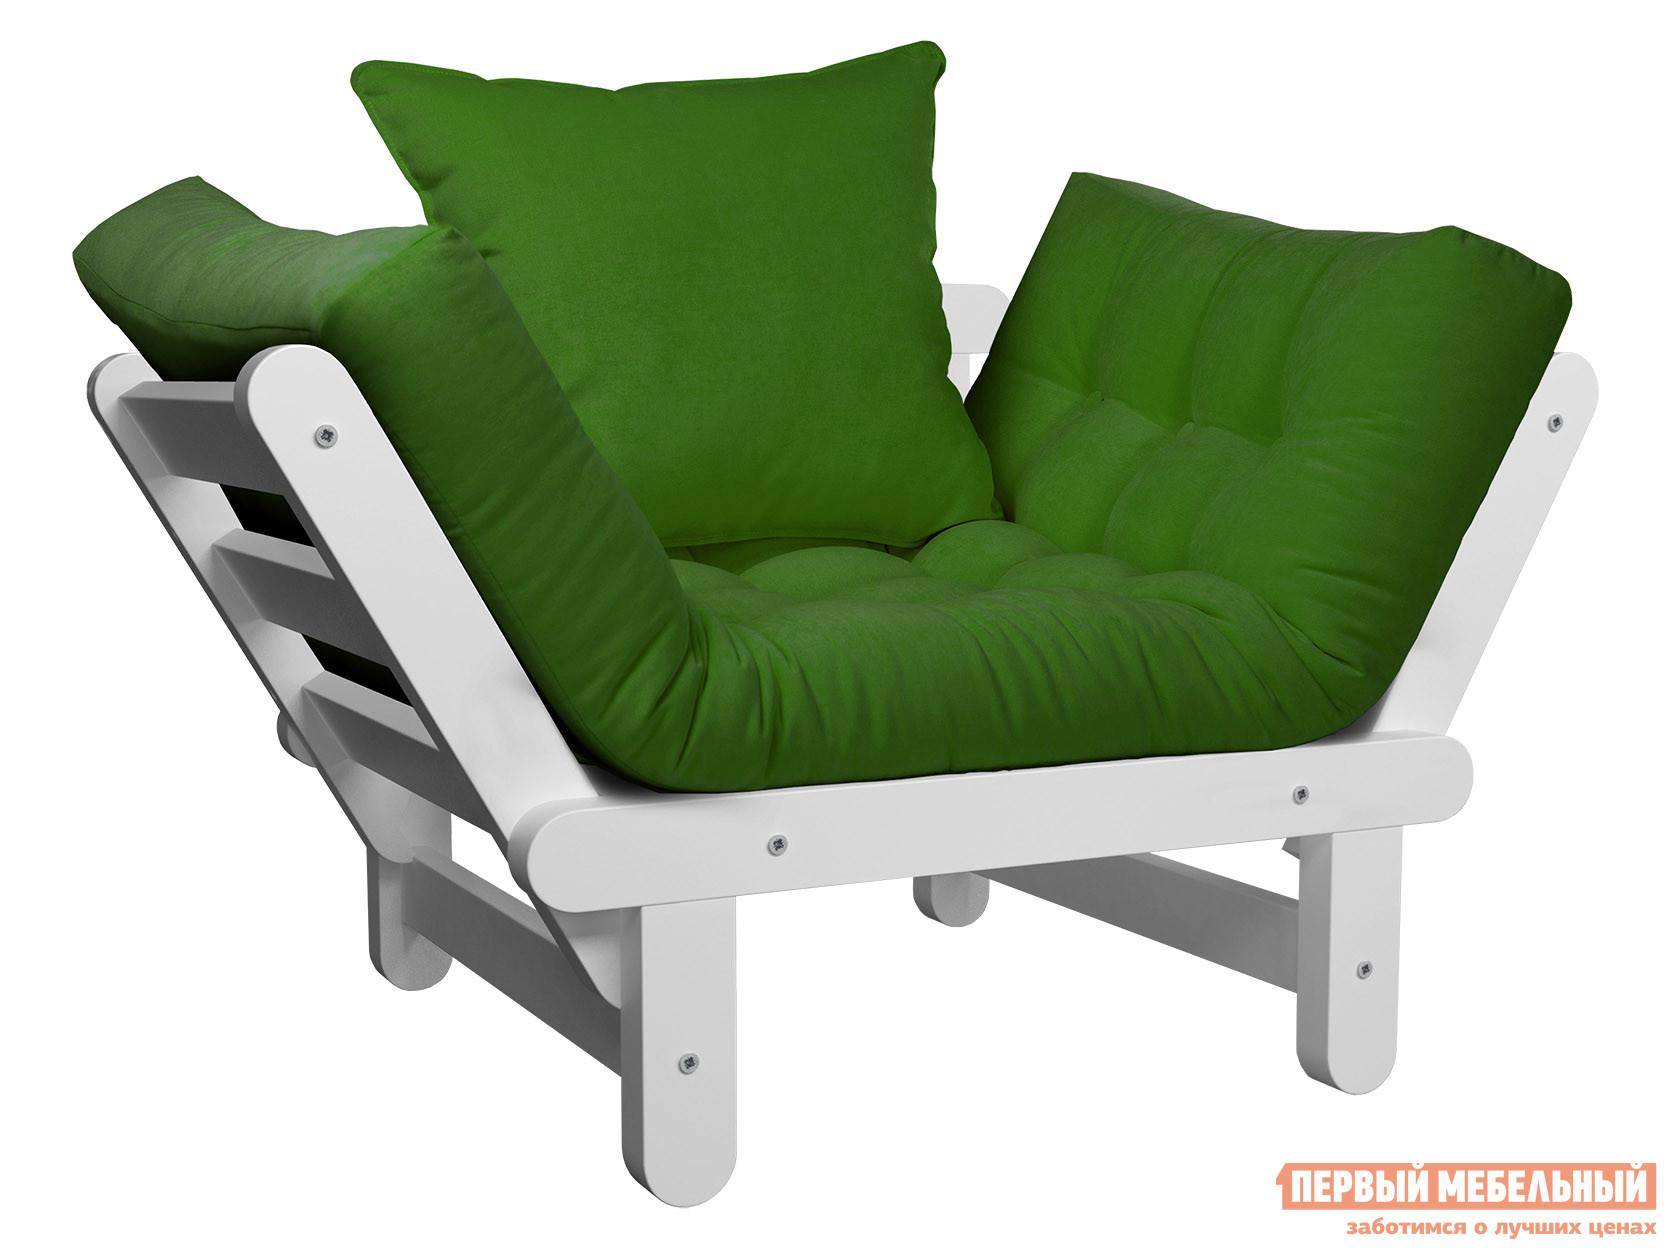 Садовое кресло  Кресло Сламбер Зеленый, вельвет, Белая эмаль — Кресло Сламбер Зеленый, вельвет, Белая эмаль